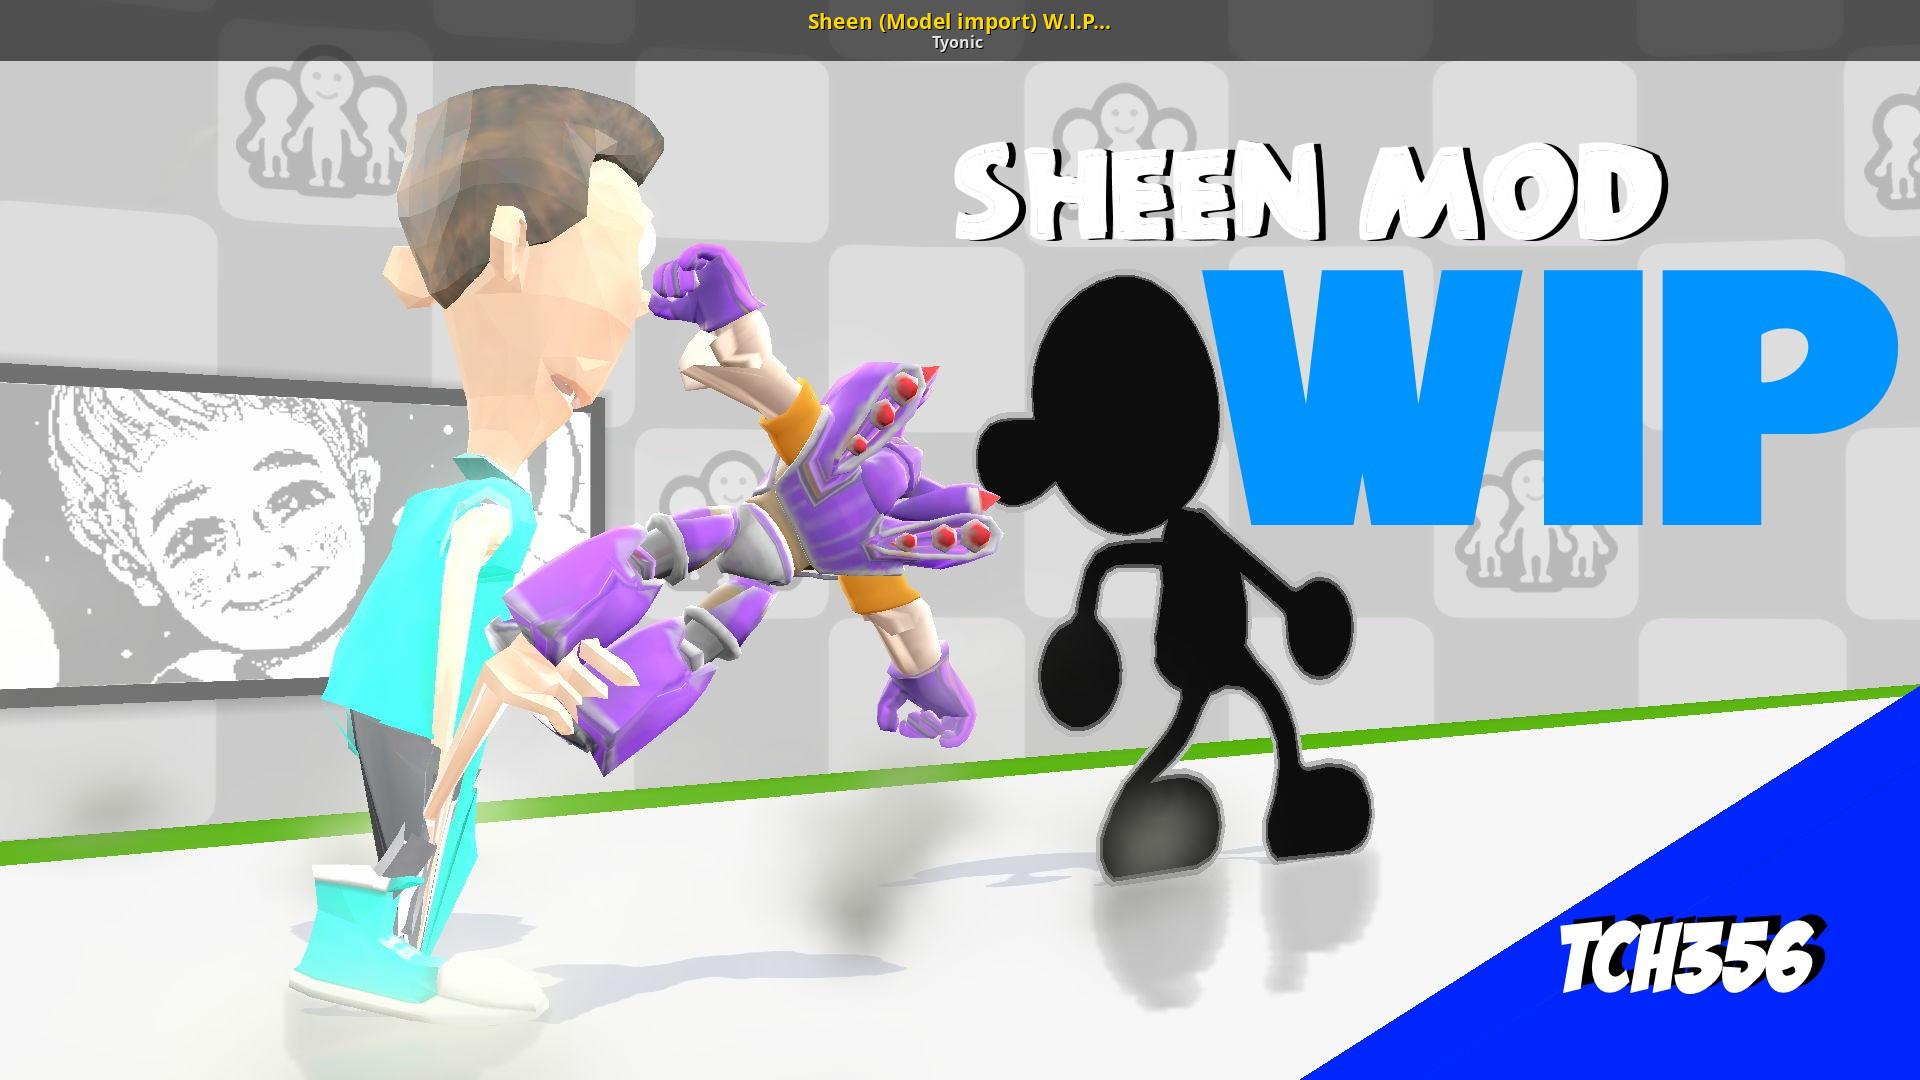 Sheen (Model import) W I P (COMPLETE) [Super Smash Bros